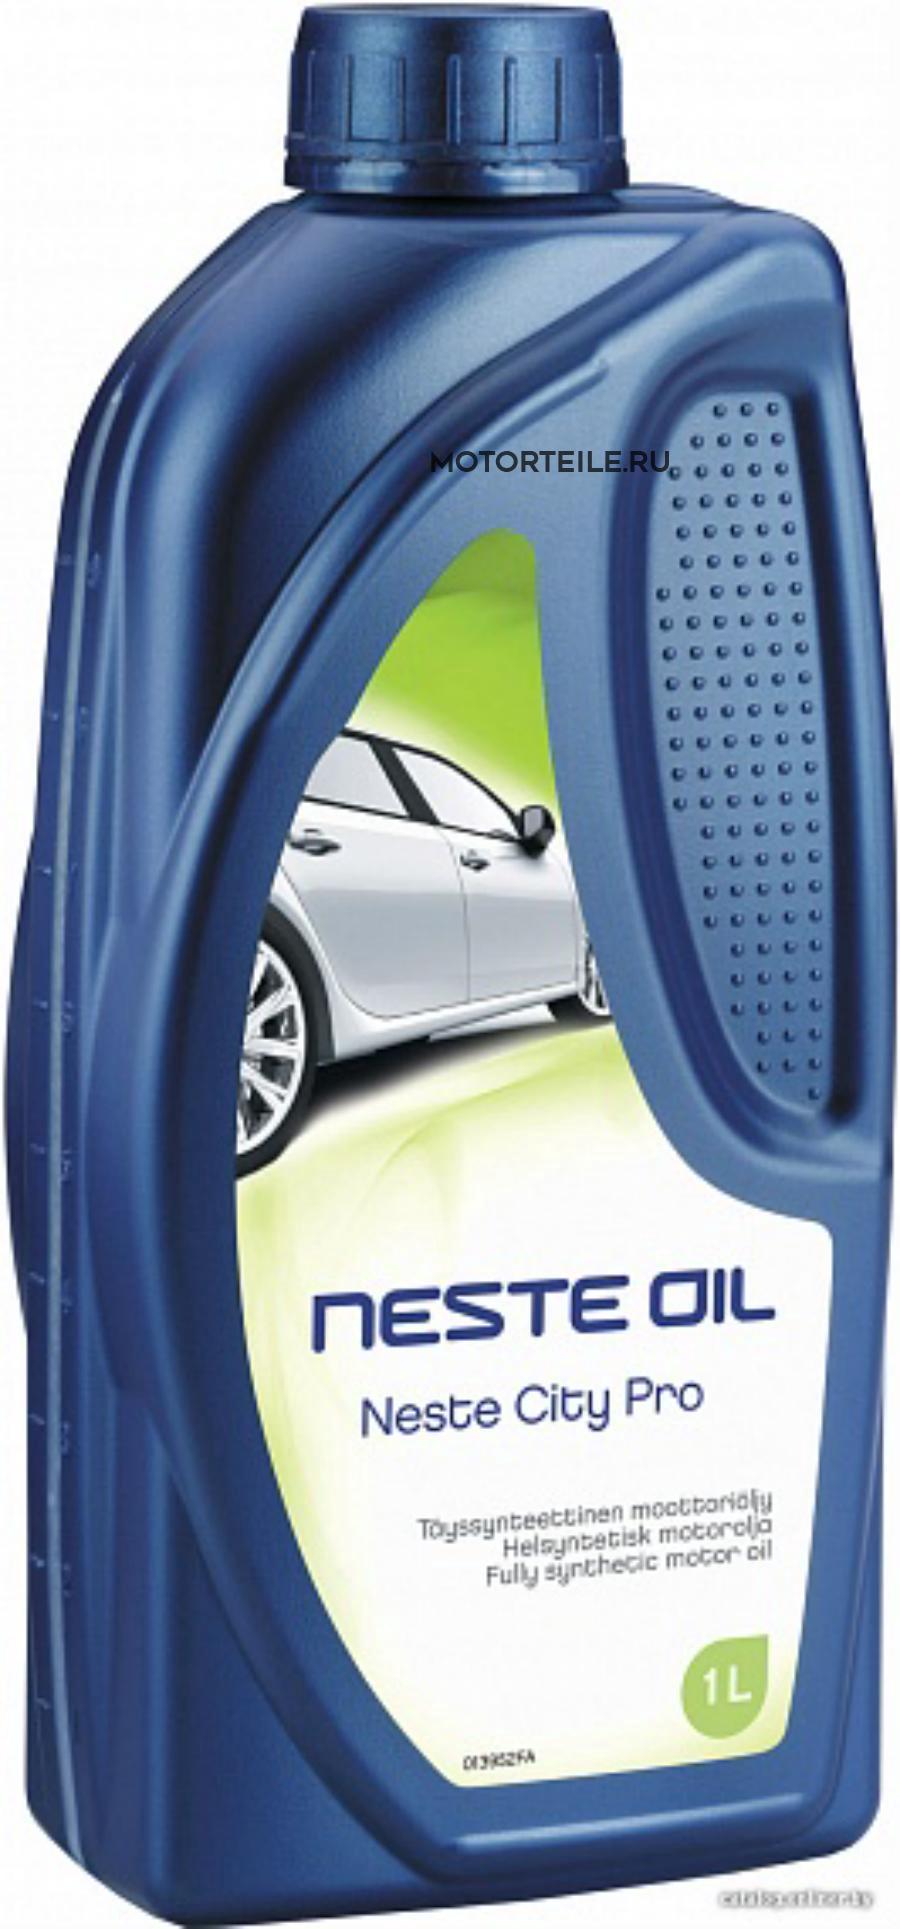 Масло моторное Neste CITY PRO C4 5W-30 1 литр полностью синтетическое